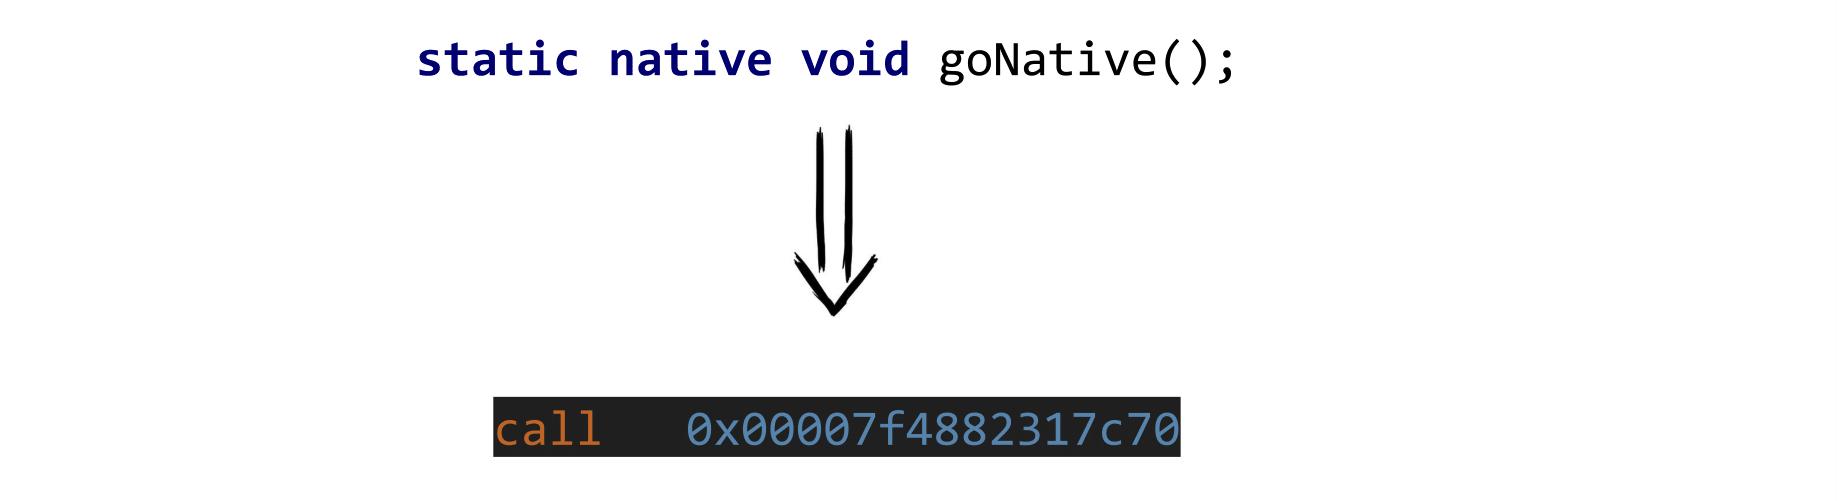 В нативный код из уютного мира Java: путешествие туда и обратно (часть 1) - 34